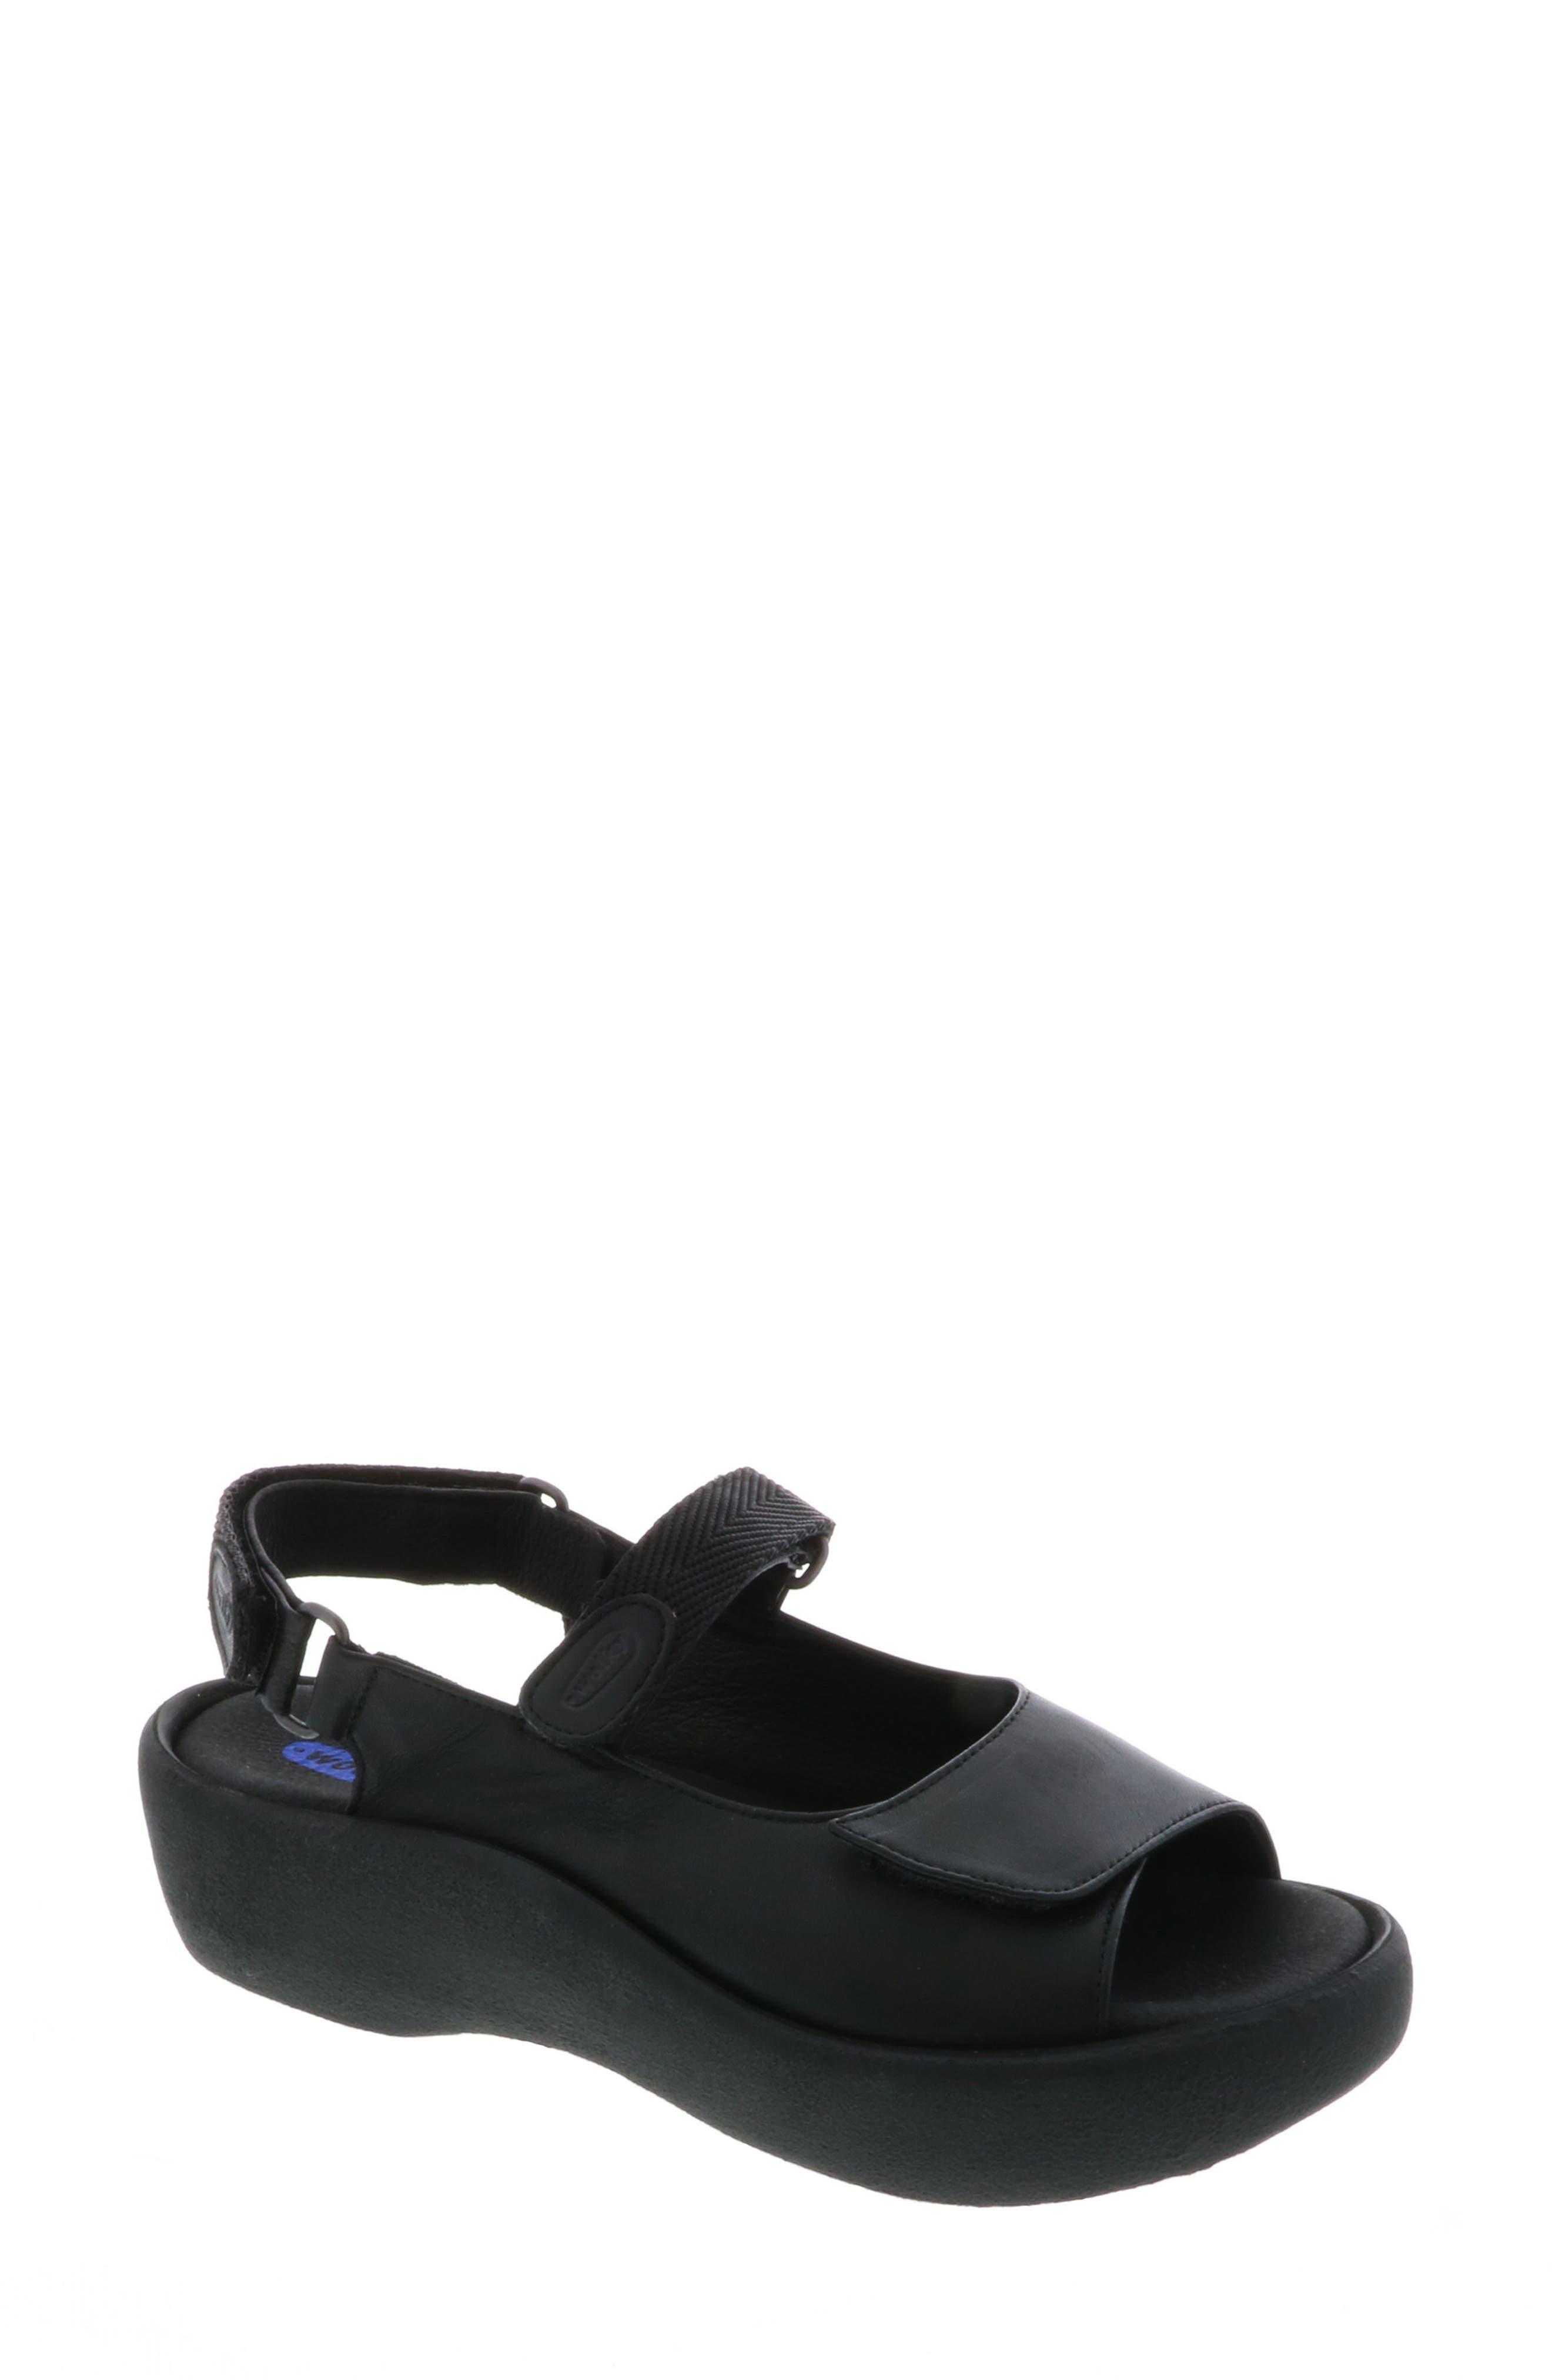 Jewel Sport Sandal,                             Main thumbnail 1, color,                             BLACK/ BLACK